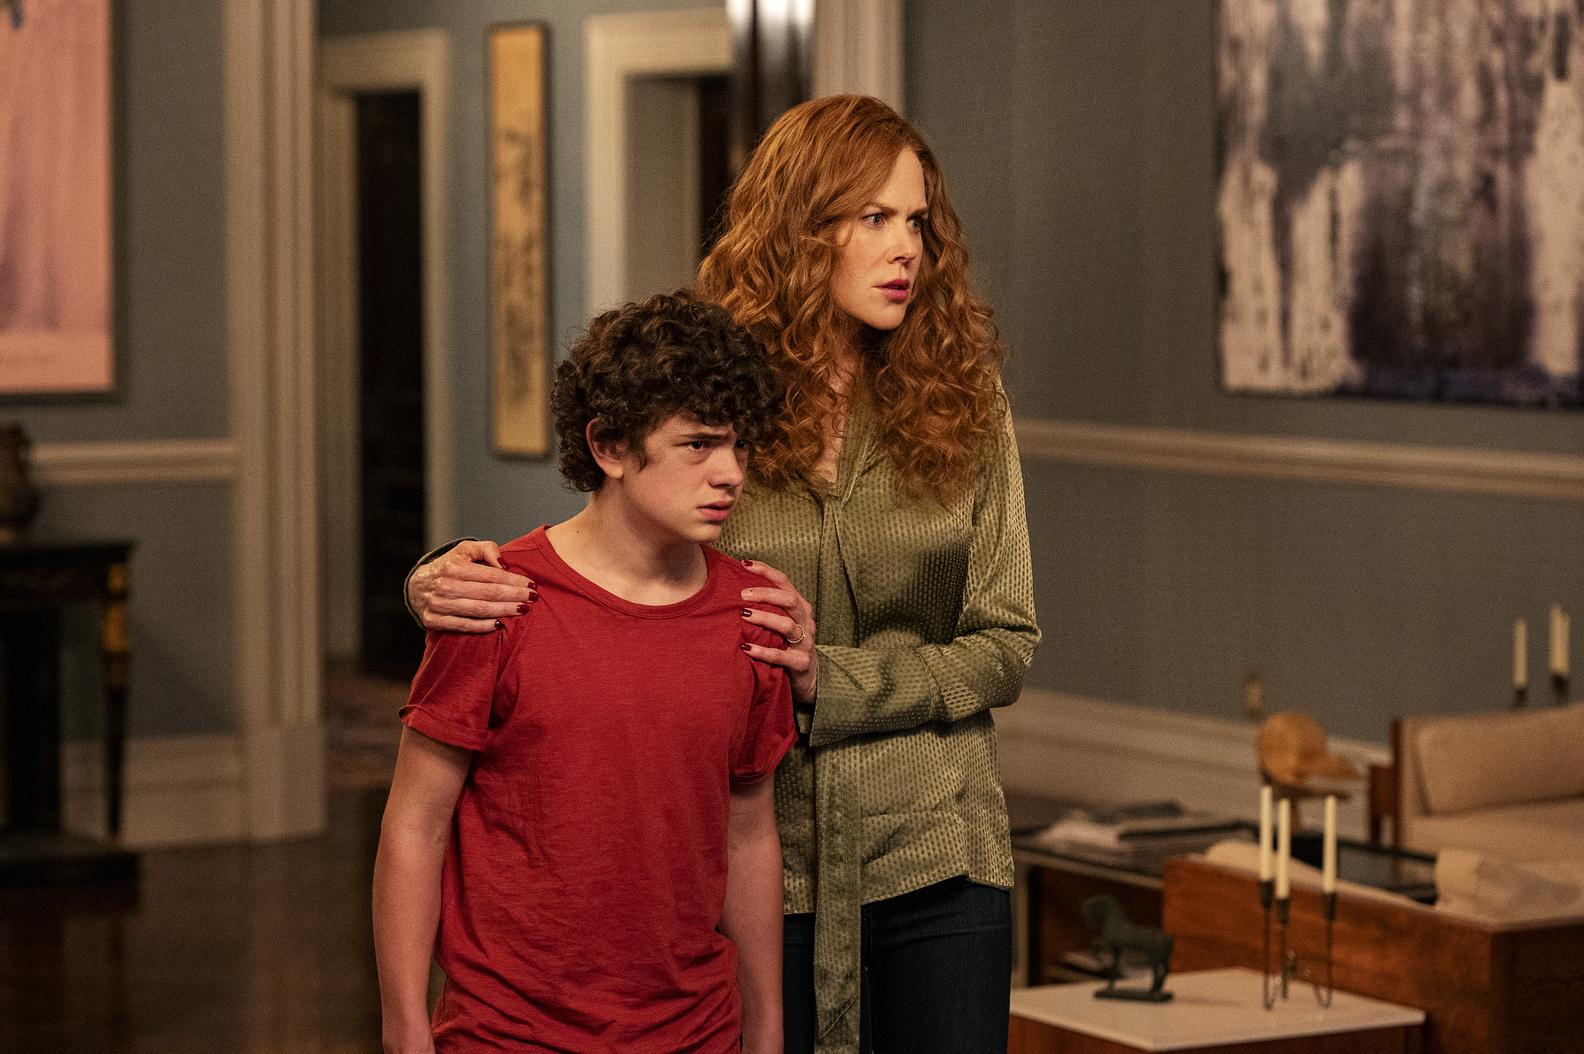 A imagem é uma cena da série The Undoing. Nela estão Nicole Kidman, que interpreta Grace Fraser e Noah Jupe, que interpreta Henry, na sala de sua casa. Grace é uma mulher branca, de cabelos ruivos e longos, ela veste uma blusa de mangas compridas em tom verde e uma calça preta; Grace está com as mãos segurando os ombros do filho. Henry é um menino branco, de cabelos castanhos escuros cacheados, ele veste uma camiseta vermelha.